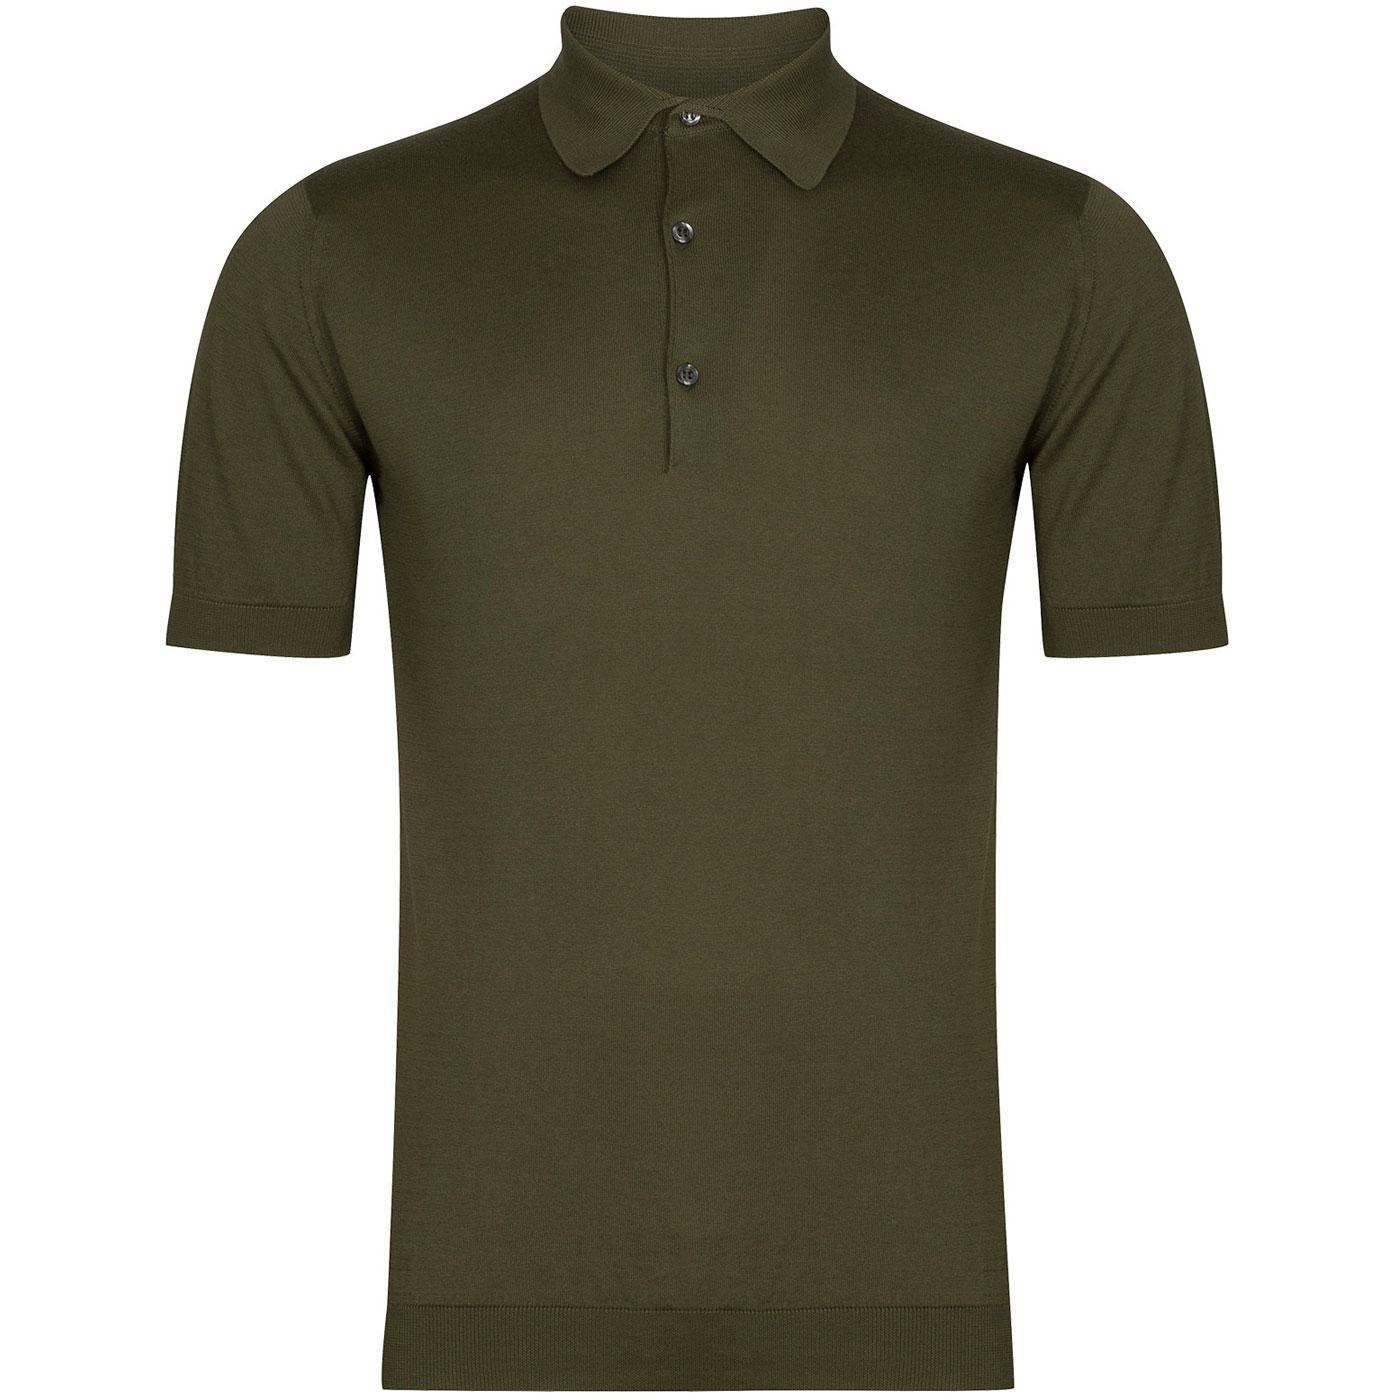 Adrian JOHN SMEDLEY Made in England Polo Top (SG)